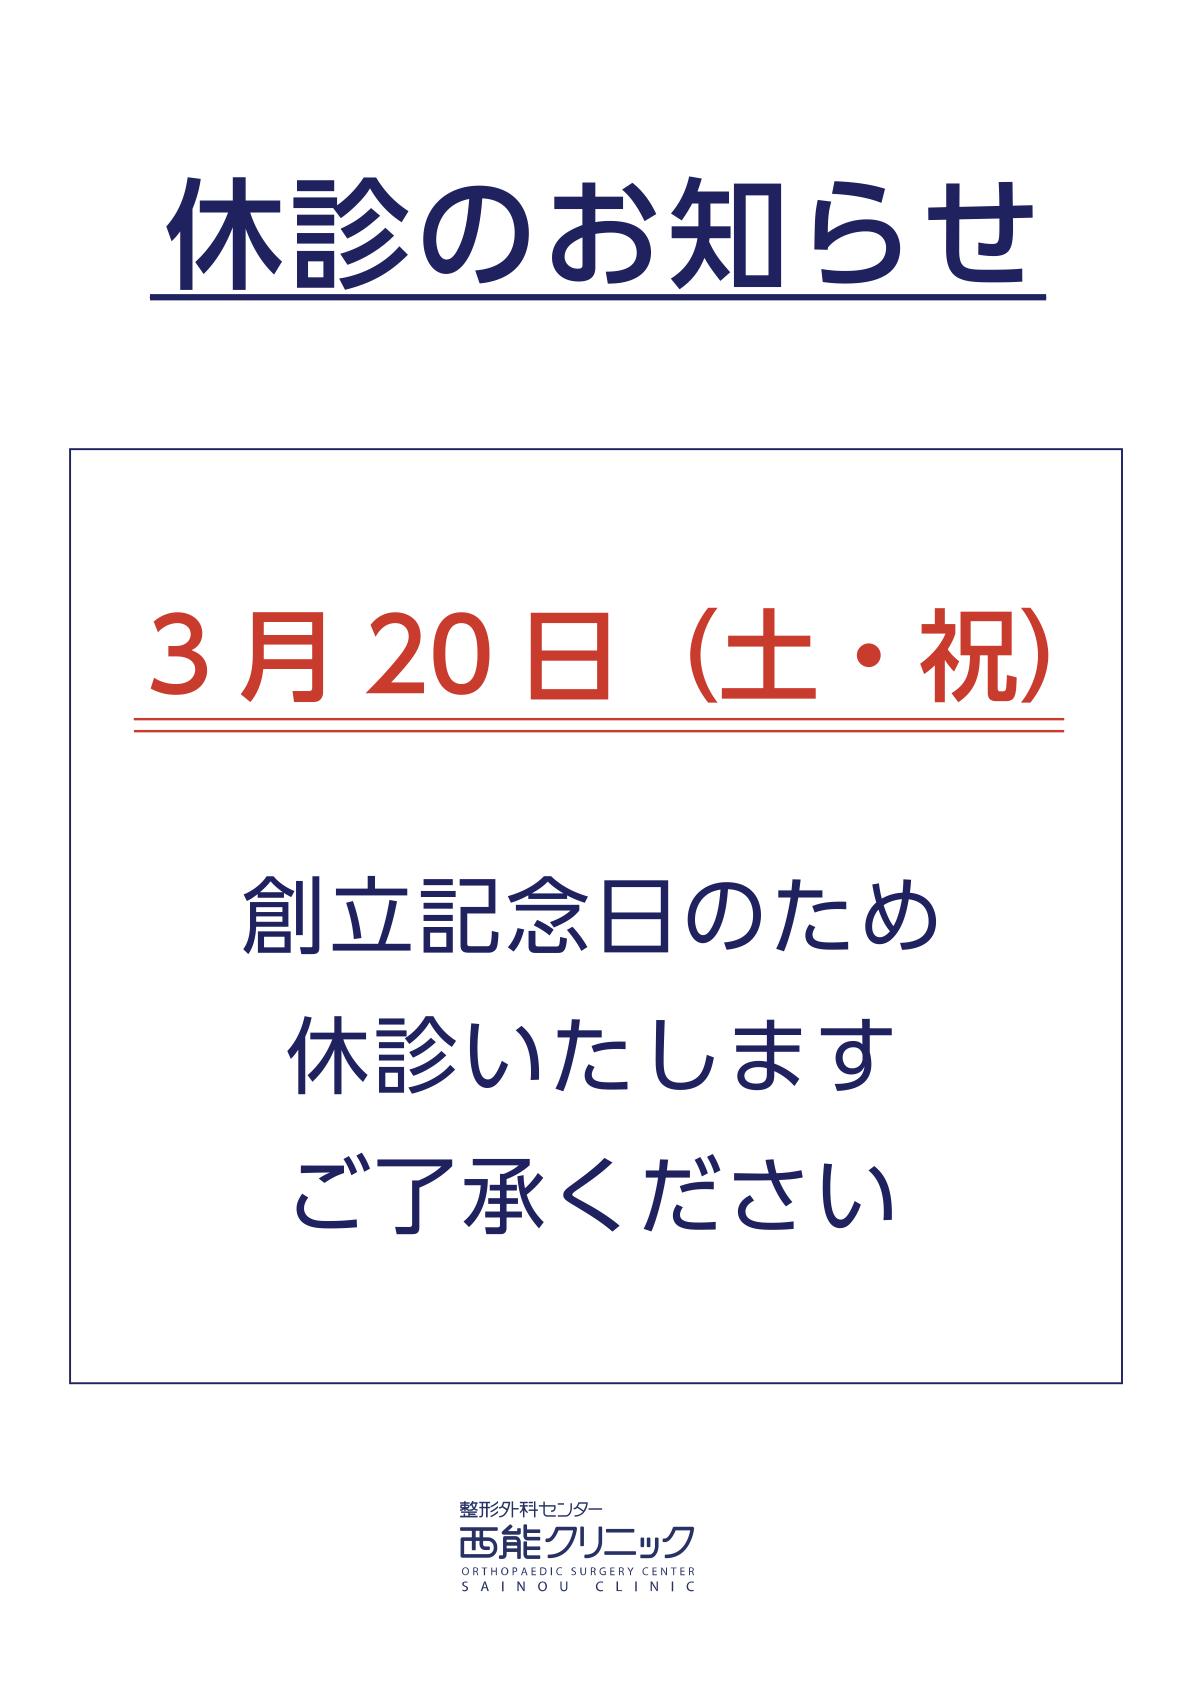 休診のお知らせ 3月20日(土曜日・祝日)は創立記念日のため休診いたします。ご了承ください。